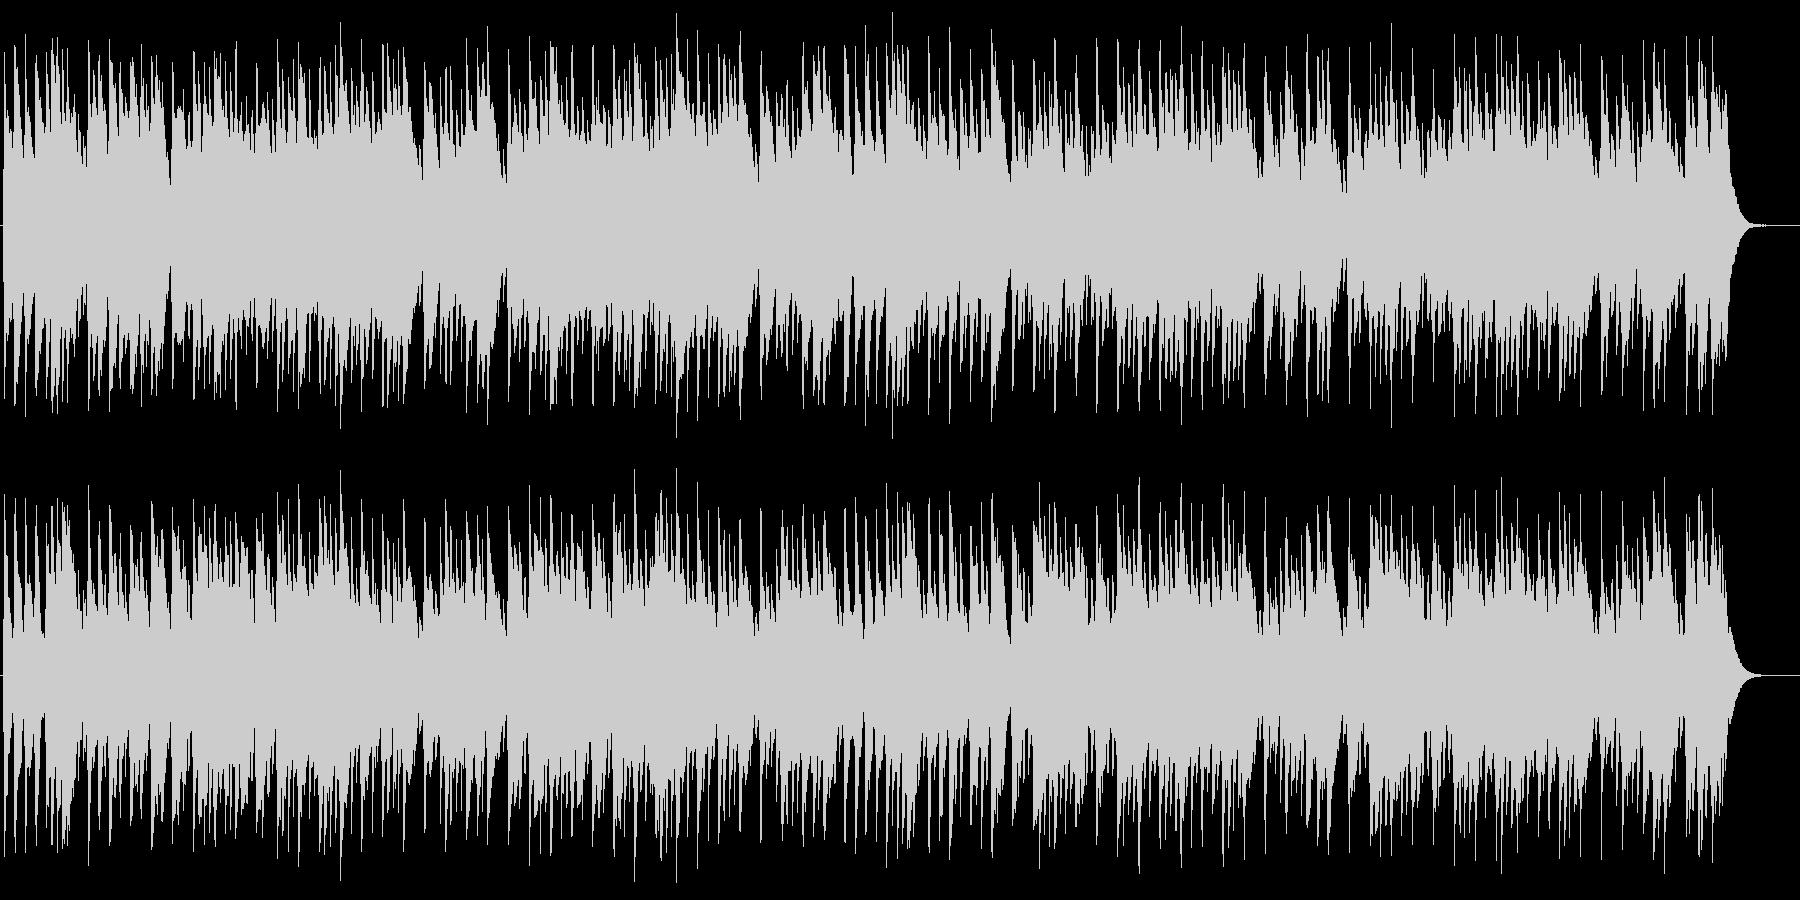 からだあそびのうた オルゴールの未再生の波形